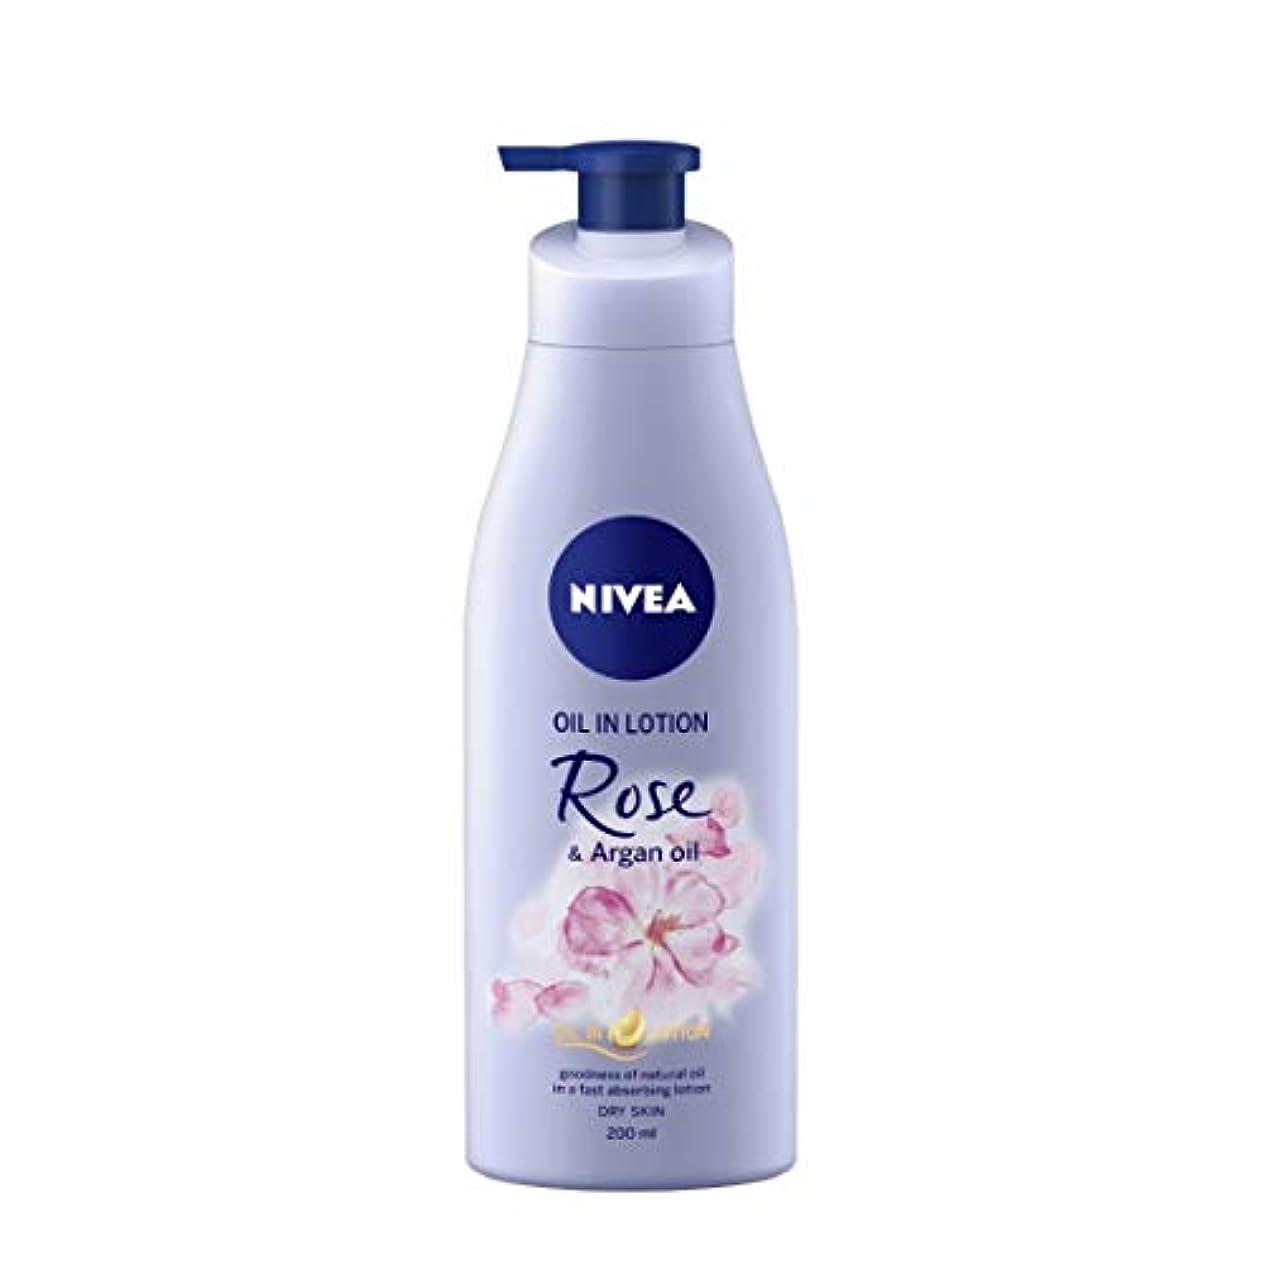 ピーブタックルくちばしNIVEA Oil in Lotion, Rose and Argan Oil, 200ml